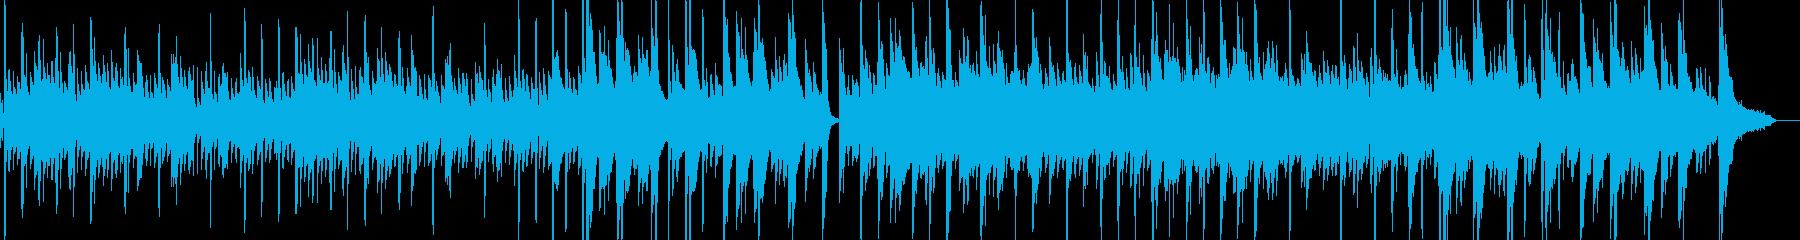 アコギの優しくて温かみのあるBGMの再生済みの波形